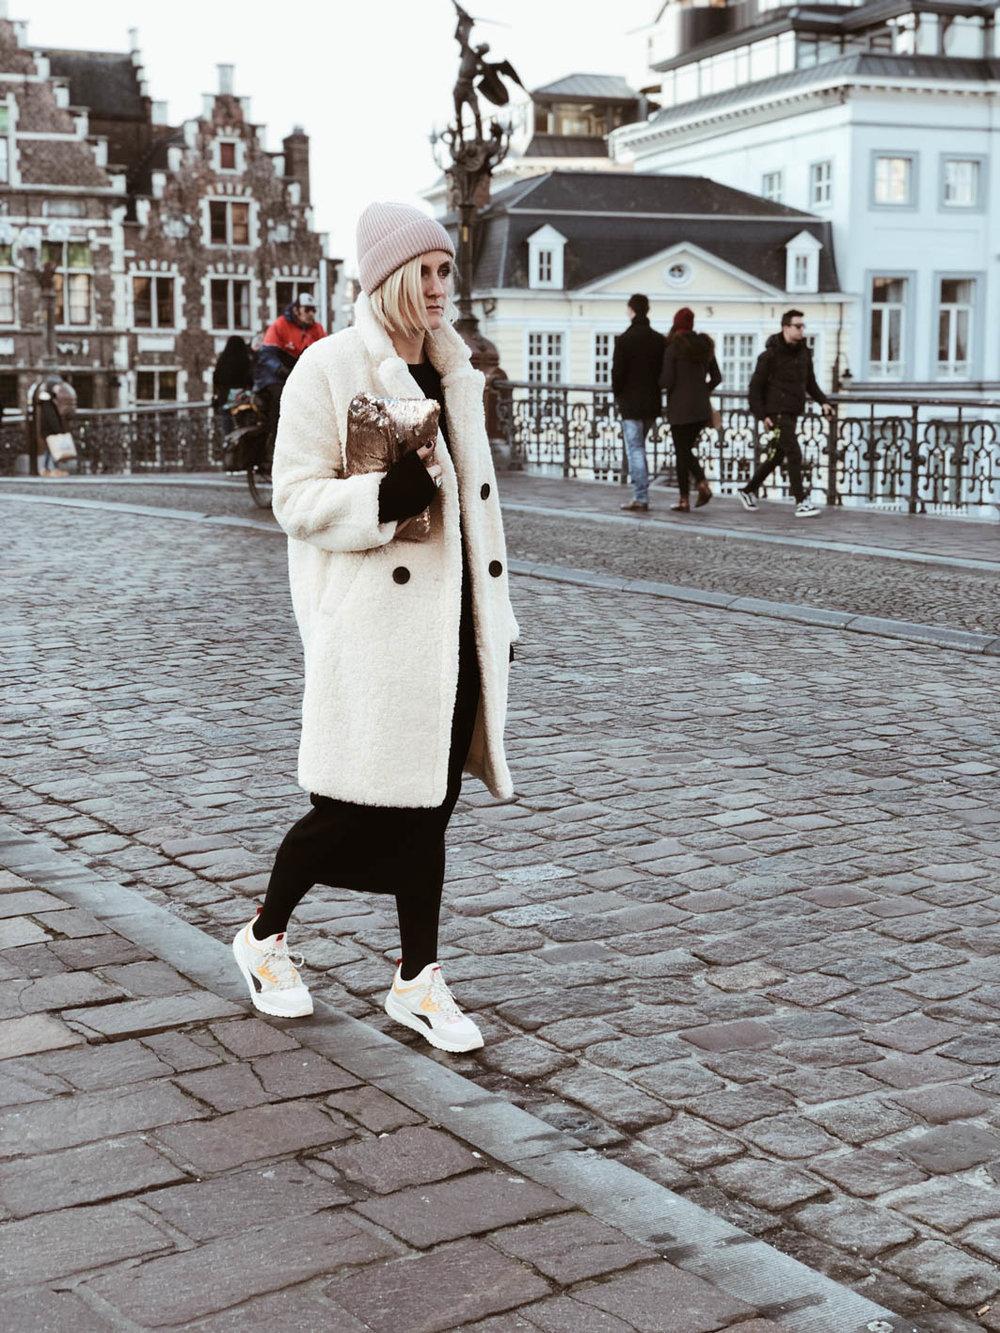 Carnet Sauvage - Blog mode et tendace, idée look hiver, robe en maille et manteau fluffy Mango